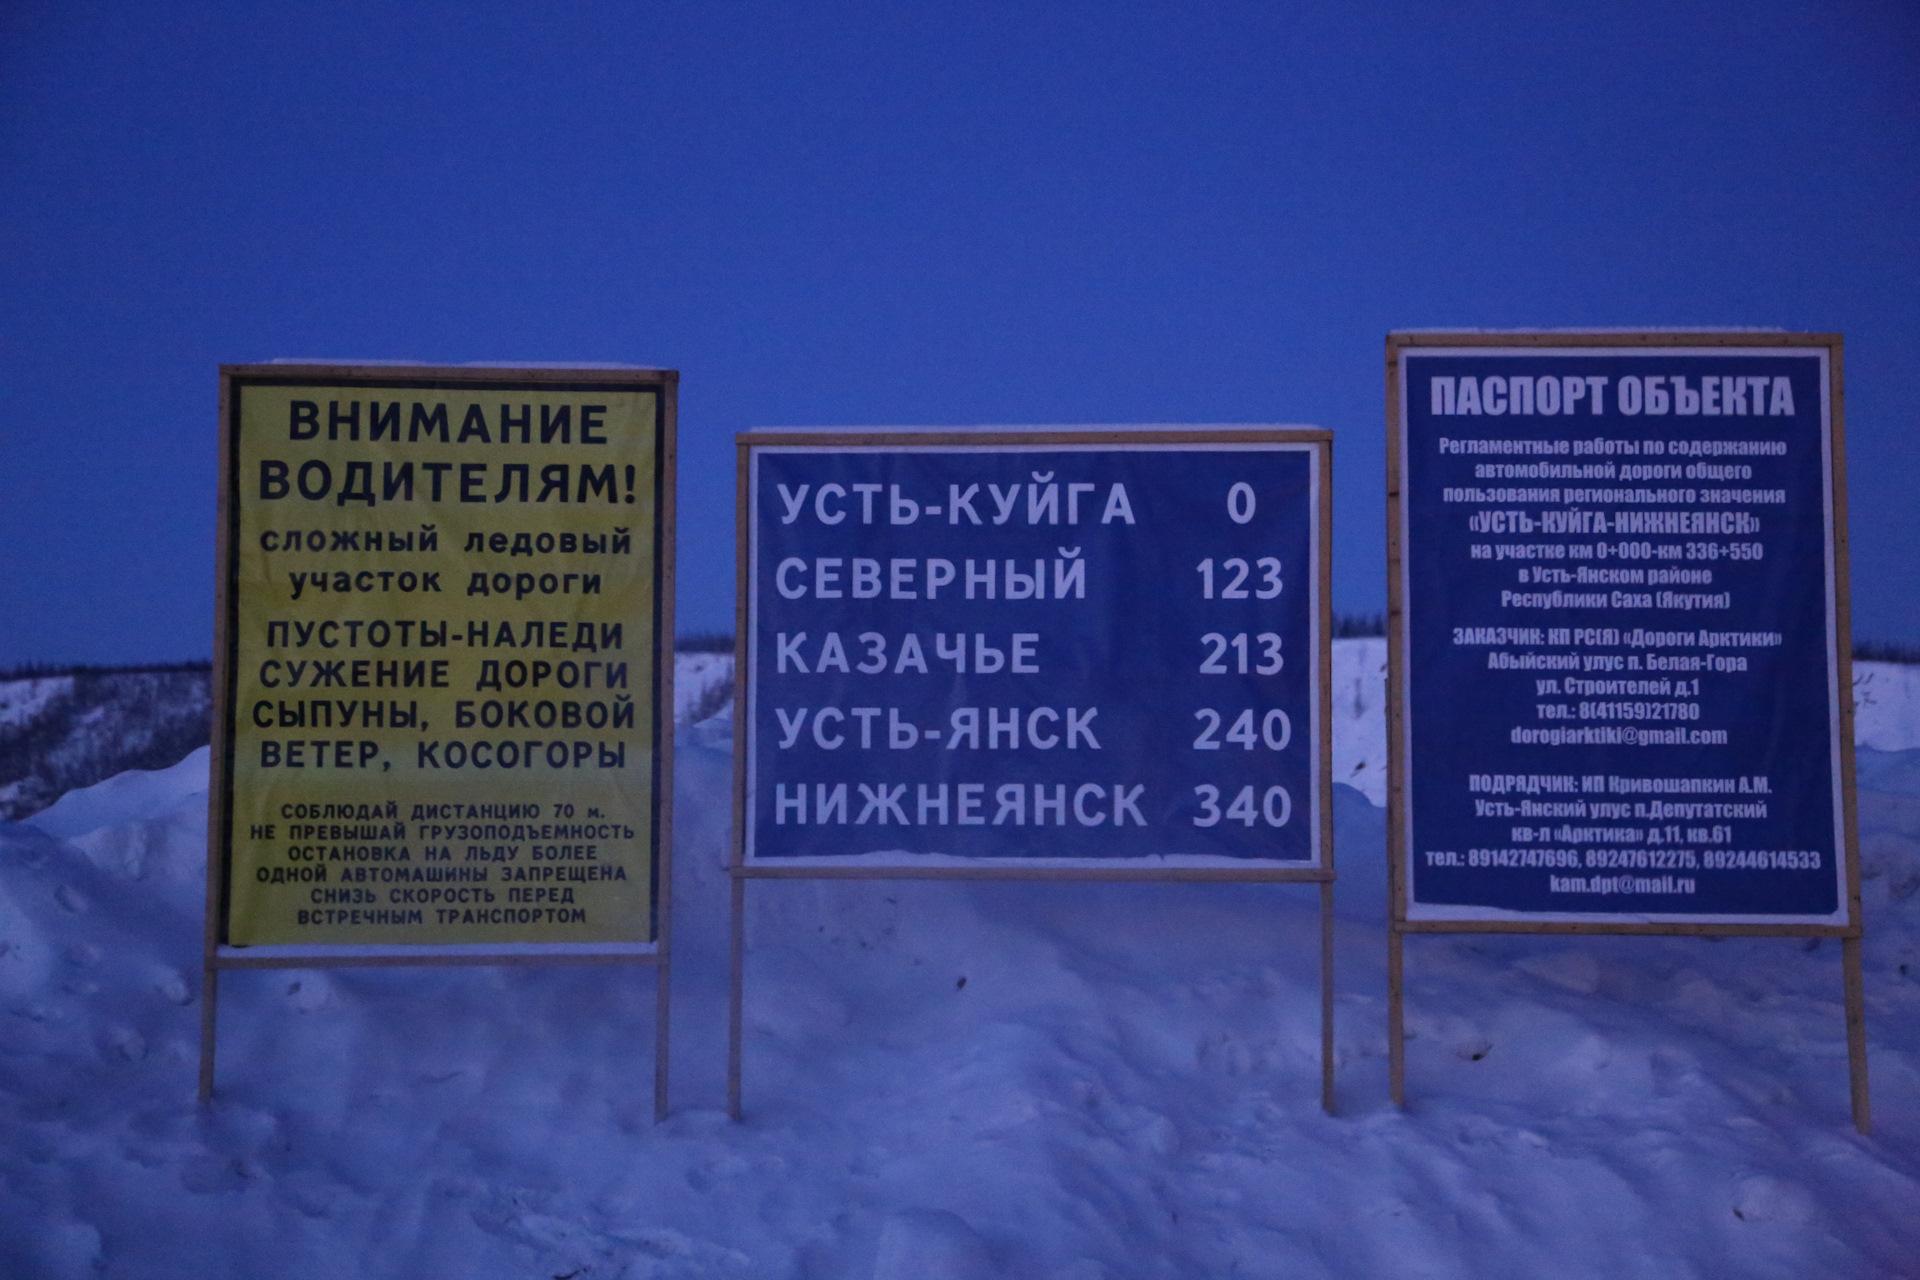 zhopa-azh-ne-suzhaetsya